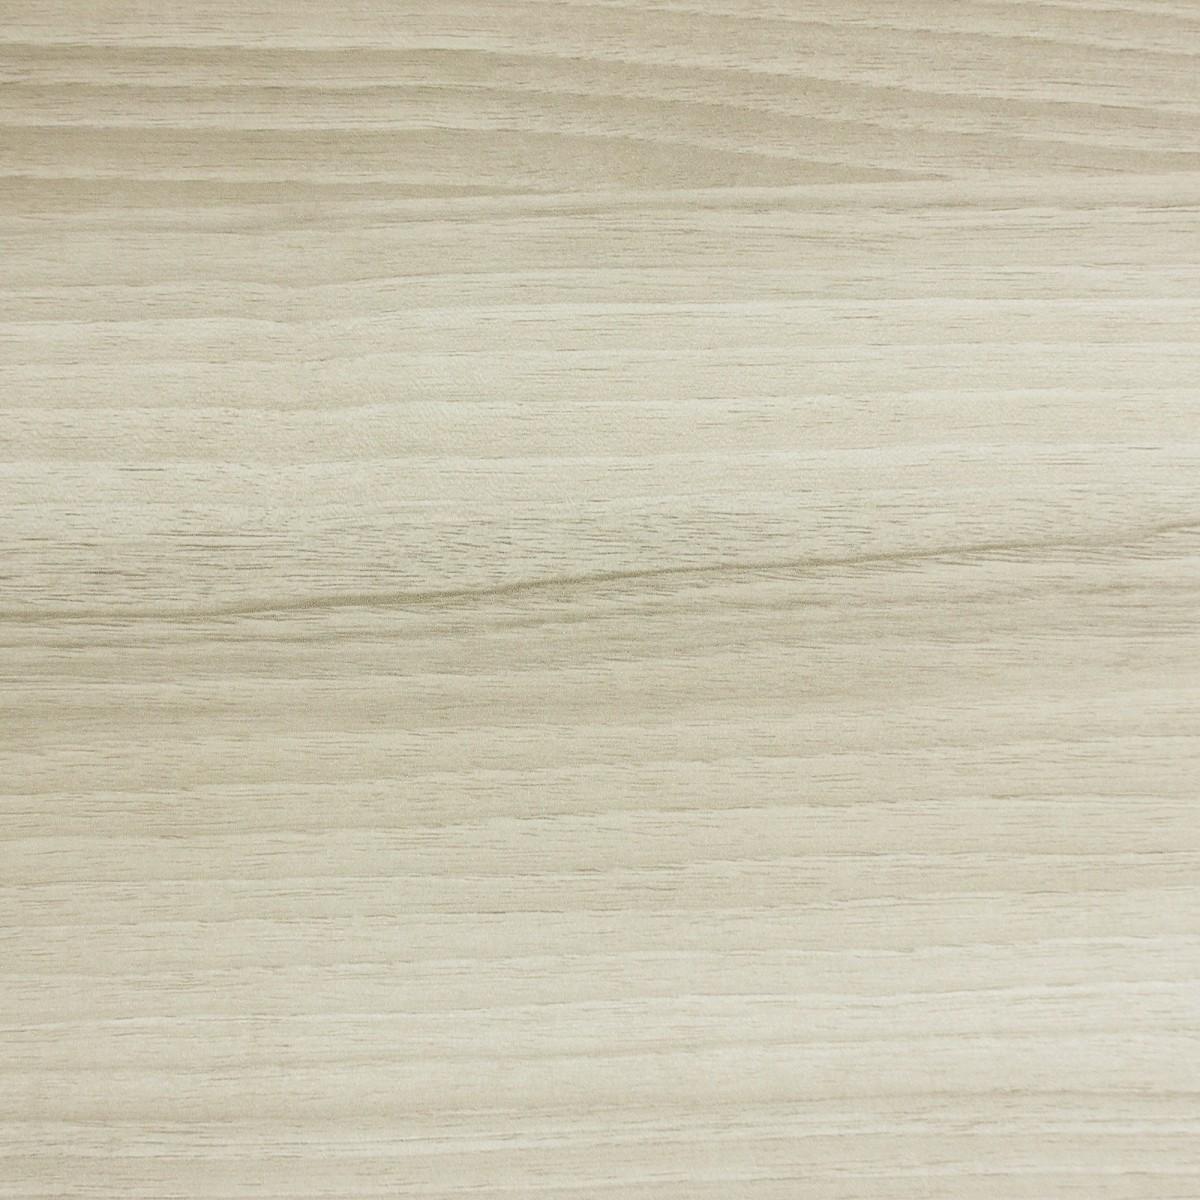 Дверь Межкомнатная Глухая Ламинированная Унико 90x200 Цвет Светлый Орех